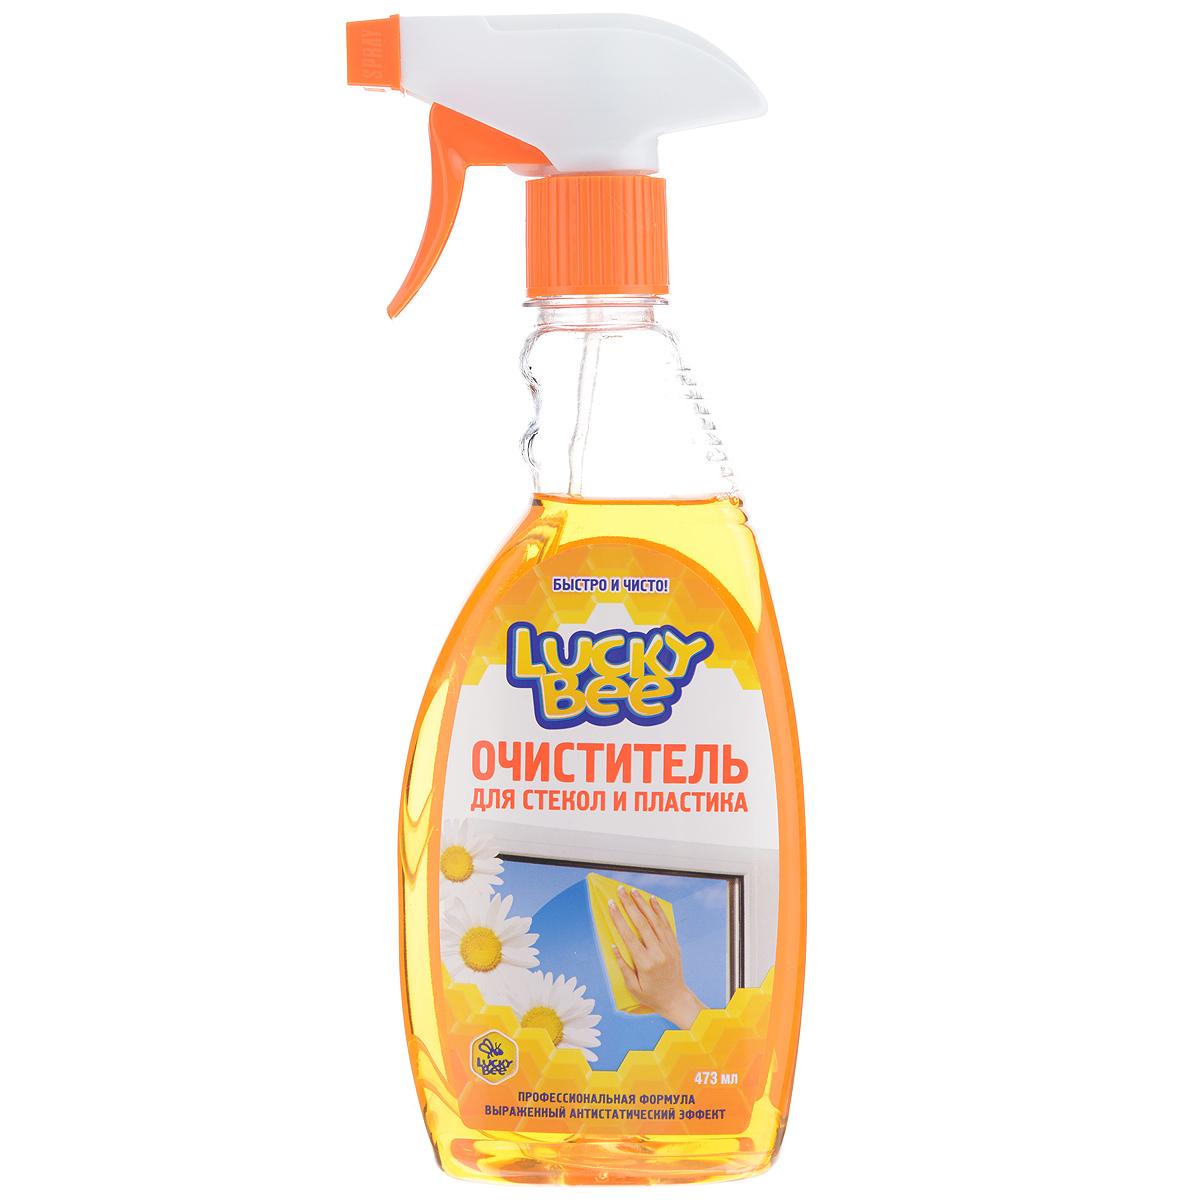 Очиститель Lucky Bee для стекол и пластика, 473 млLB7505Очиститель Lucky Bee быстро и эффективно очищает стеклянные и пластиковые поверхности от загрязнений, отпечатков пальцев, никотинового налета. Придает обработанной поверхности длительный антистатический эффект, обладает приятным свежим ароматом. Состав: деминерализованная вода, менее 30%: изопропанол, менее 5%: бутилцеллозольв, аммиак, ПАВ, антистатик, функциональные добавки, составляющие ноу-хау компании, краситель, отдушка. Товар сертифицирован.